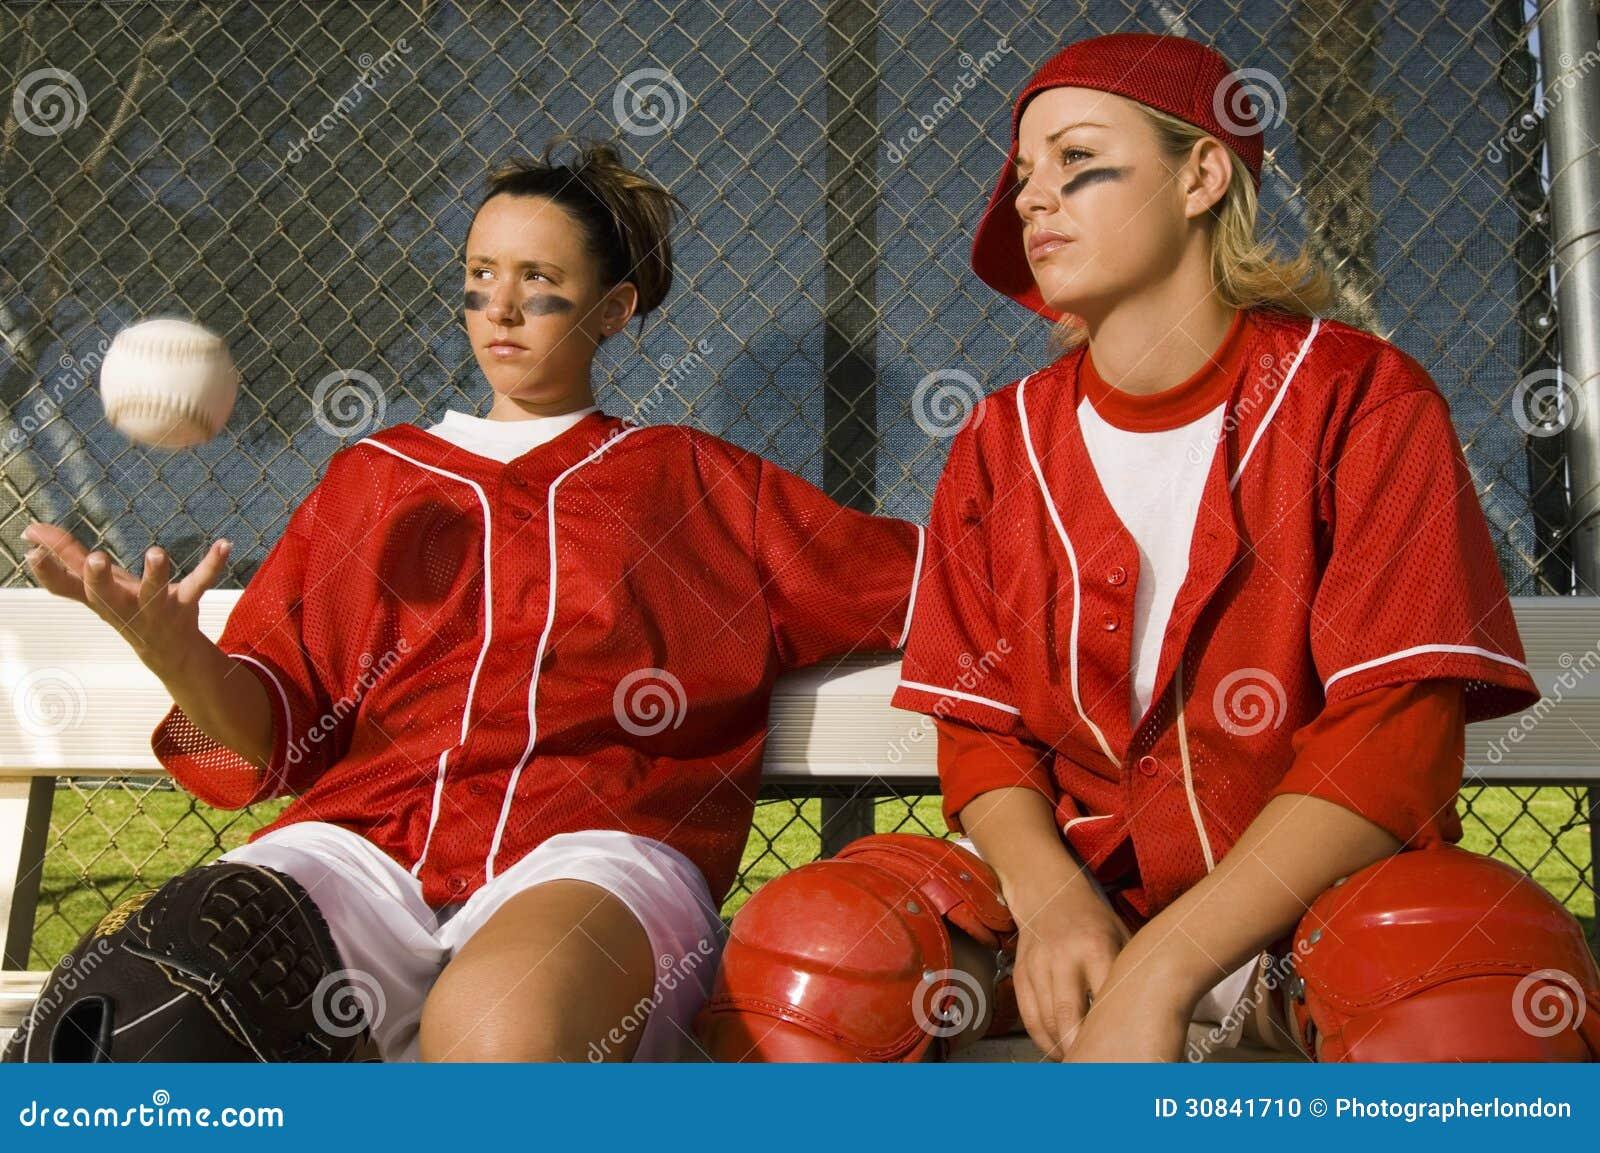 垒球确信的两个运动员坐在独木舟的长凳.高尔夫球包通电话图片